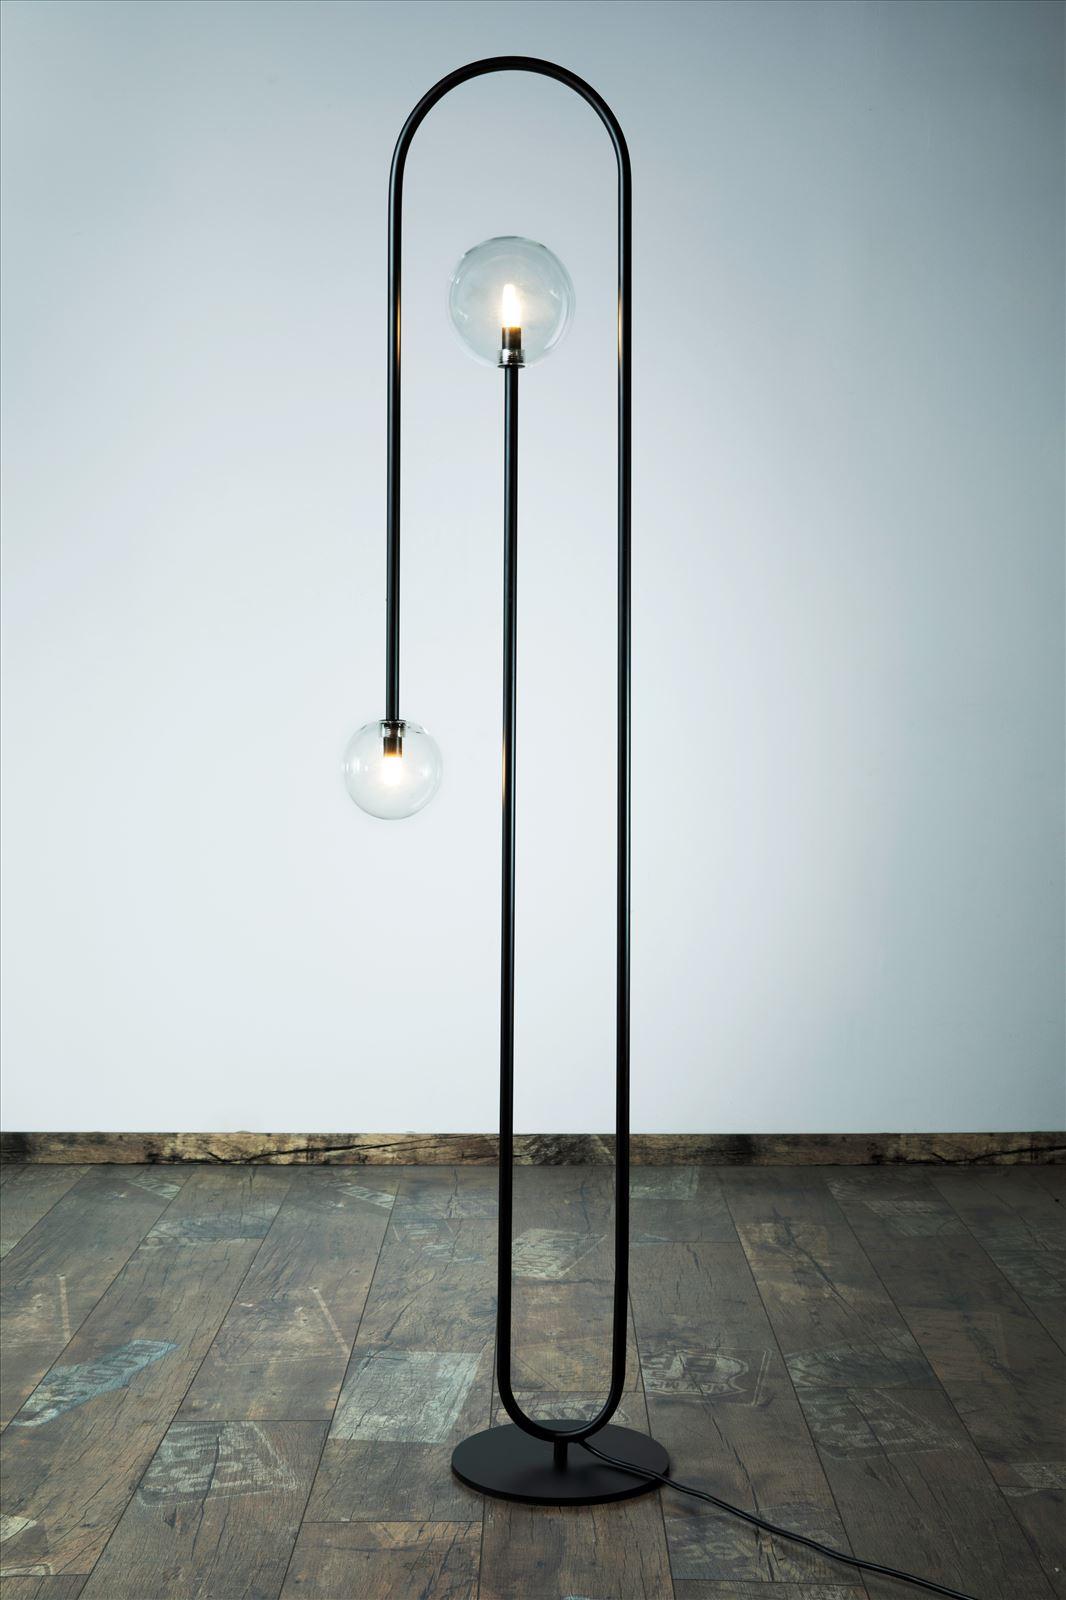 גופי תאורה בקטגוריית: מנורות עמידה  ,שם המוצר: מ.עמידה פריז L שחור